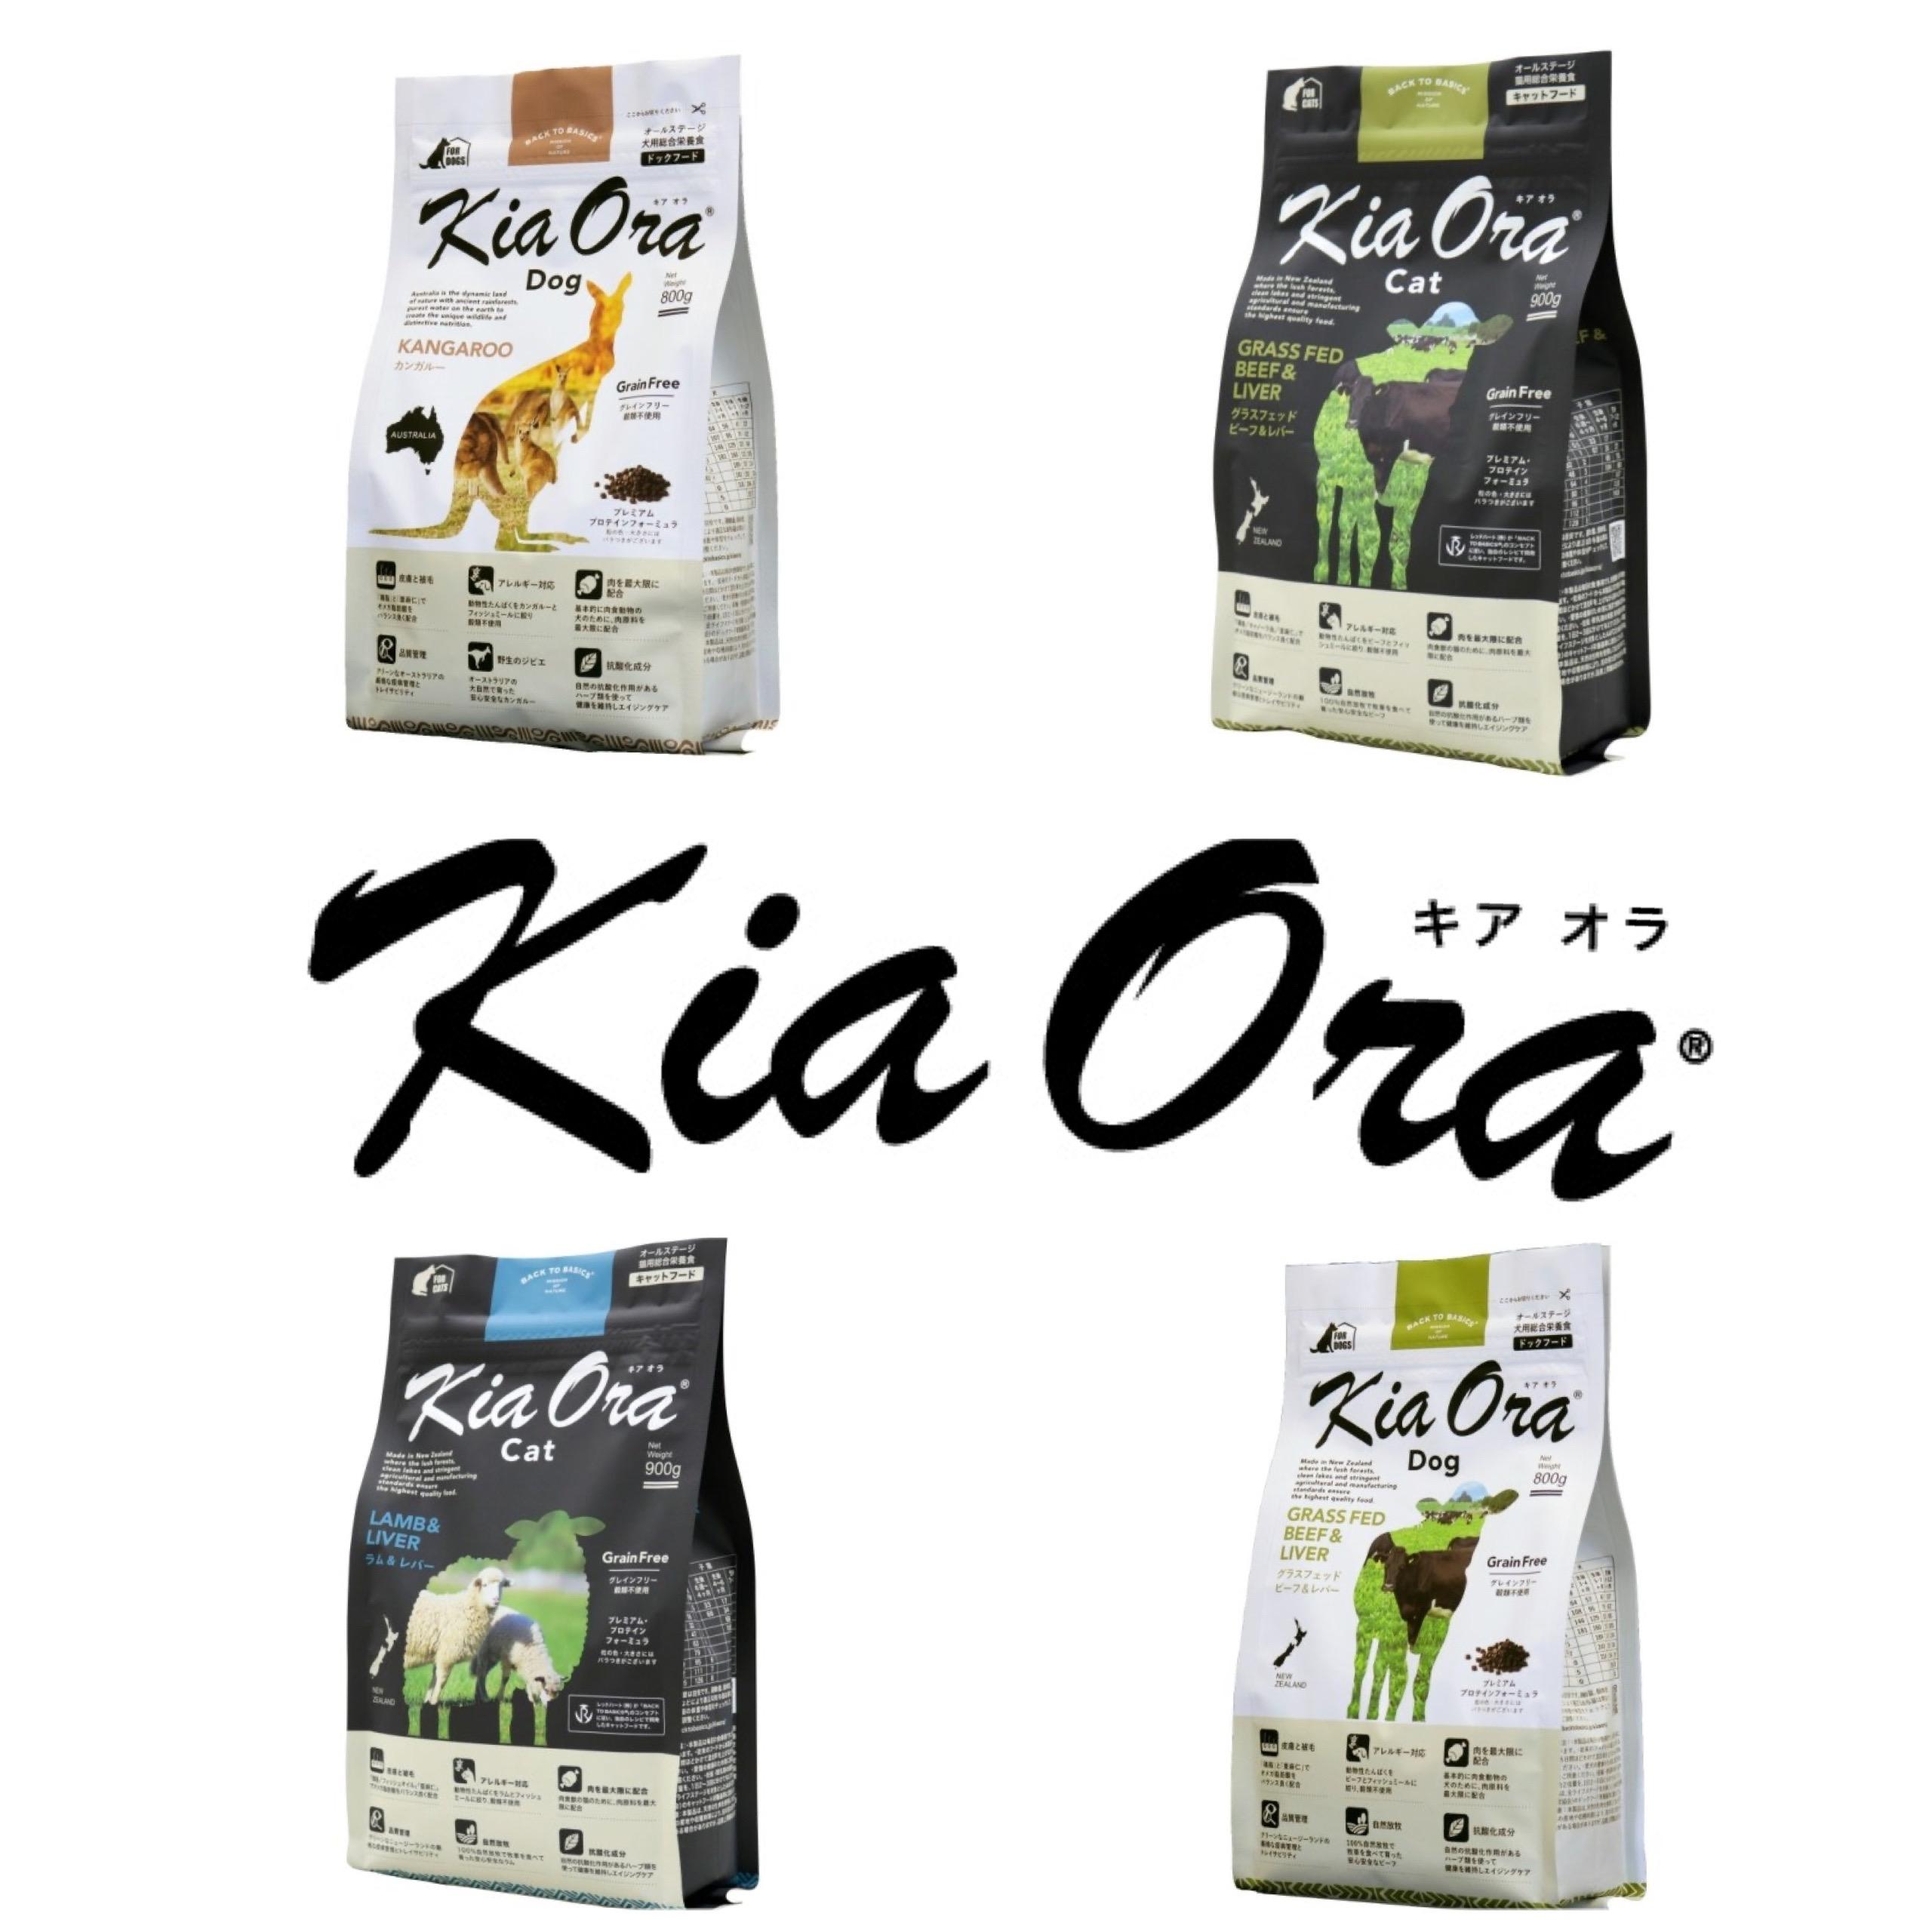 2019/12/8 宝塚・うめだ  KiaOra DOG&CAT 試食会